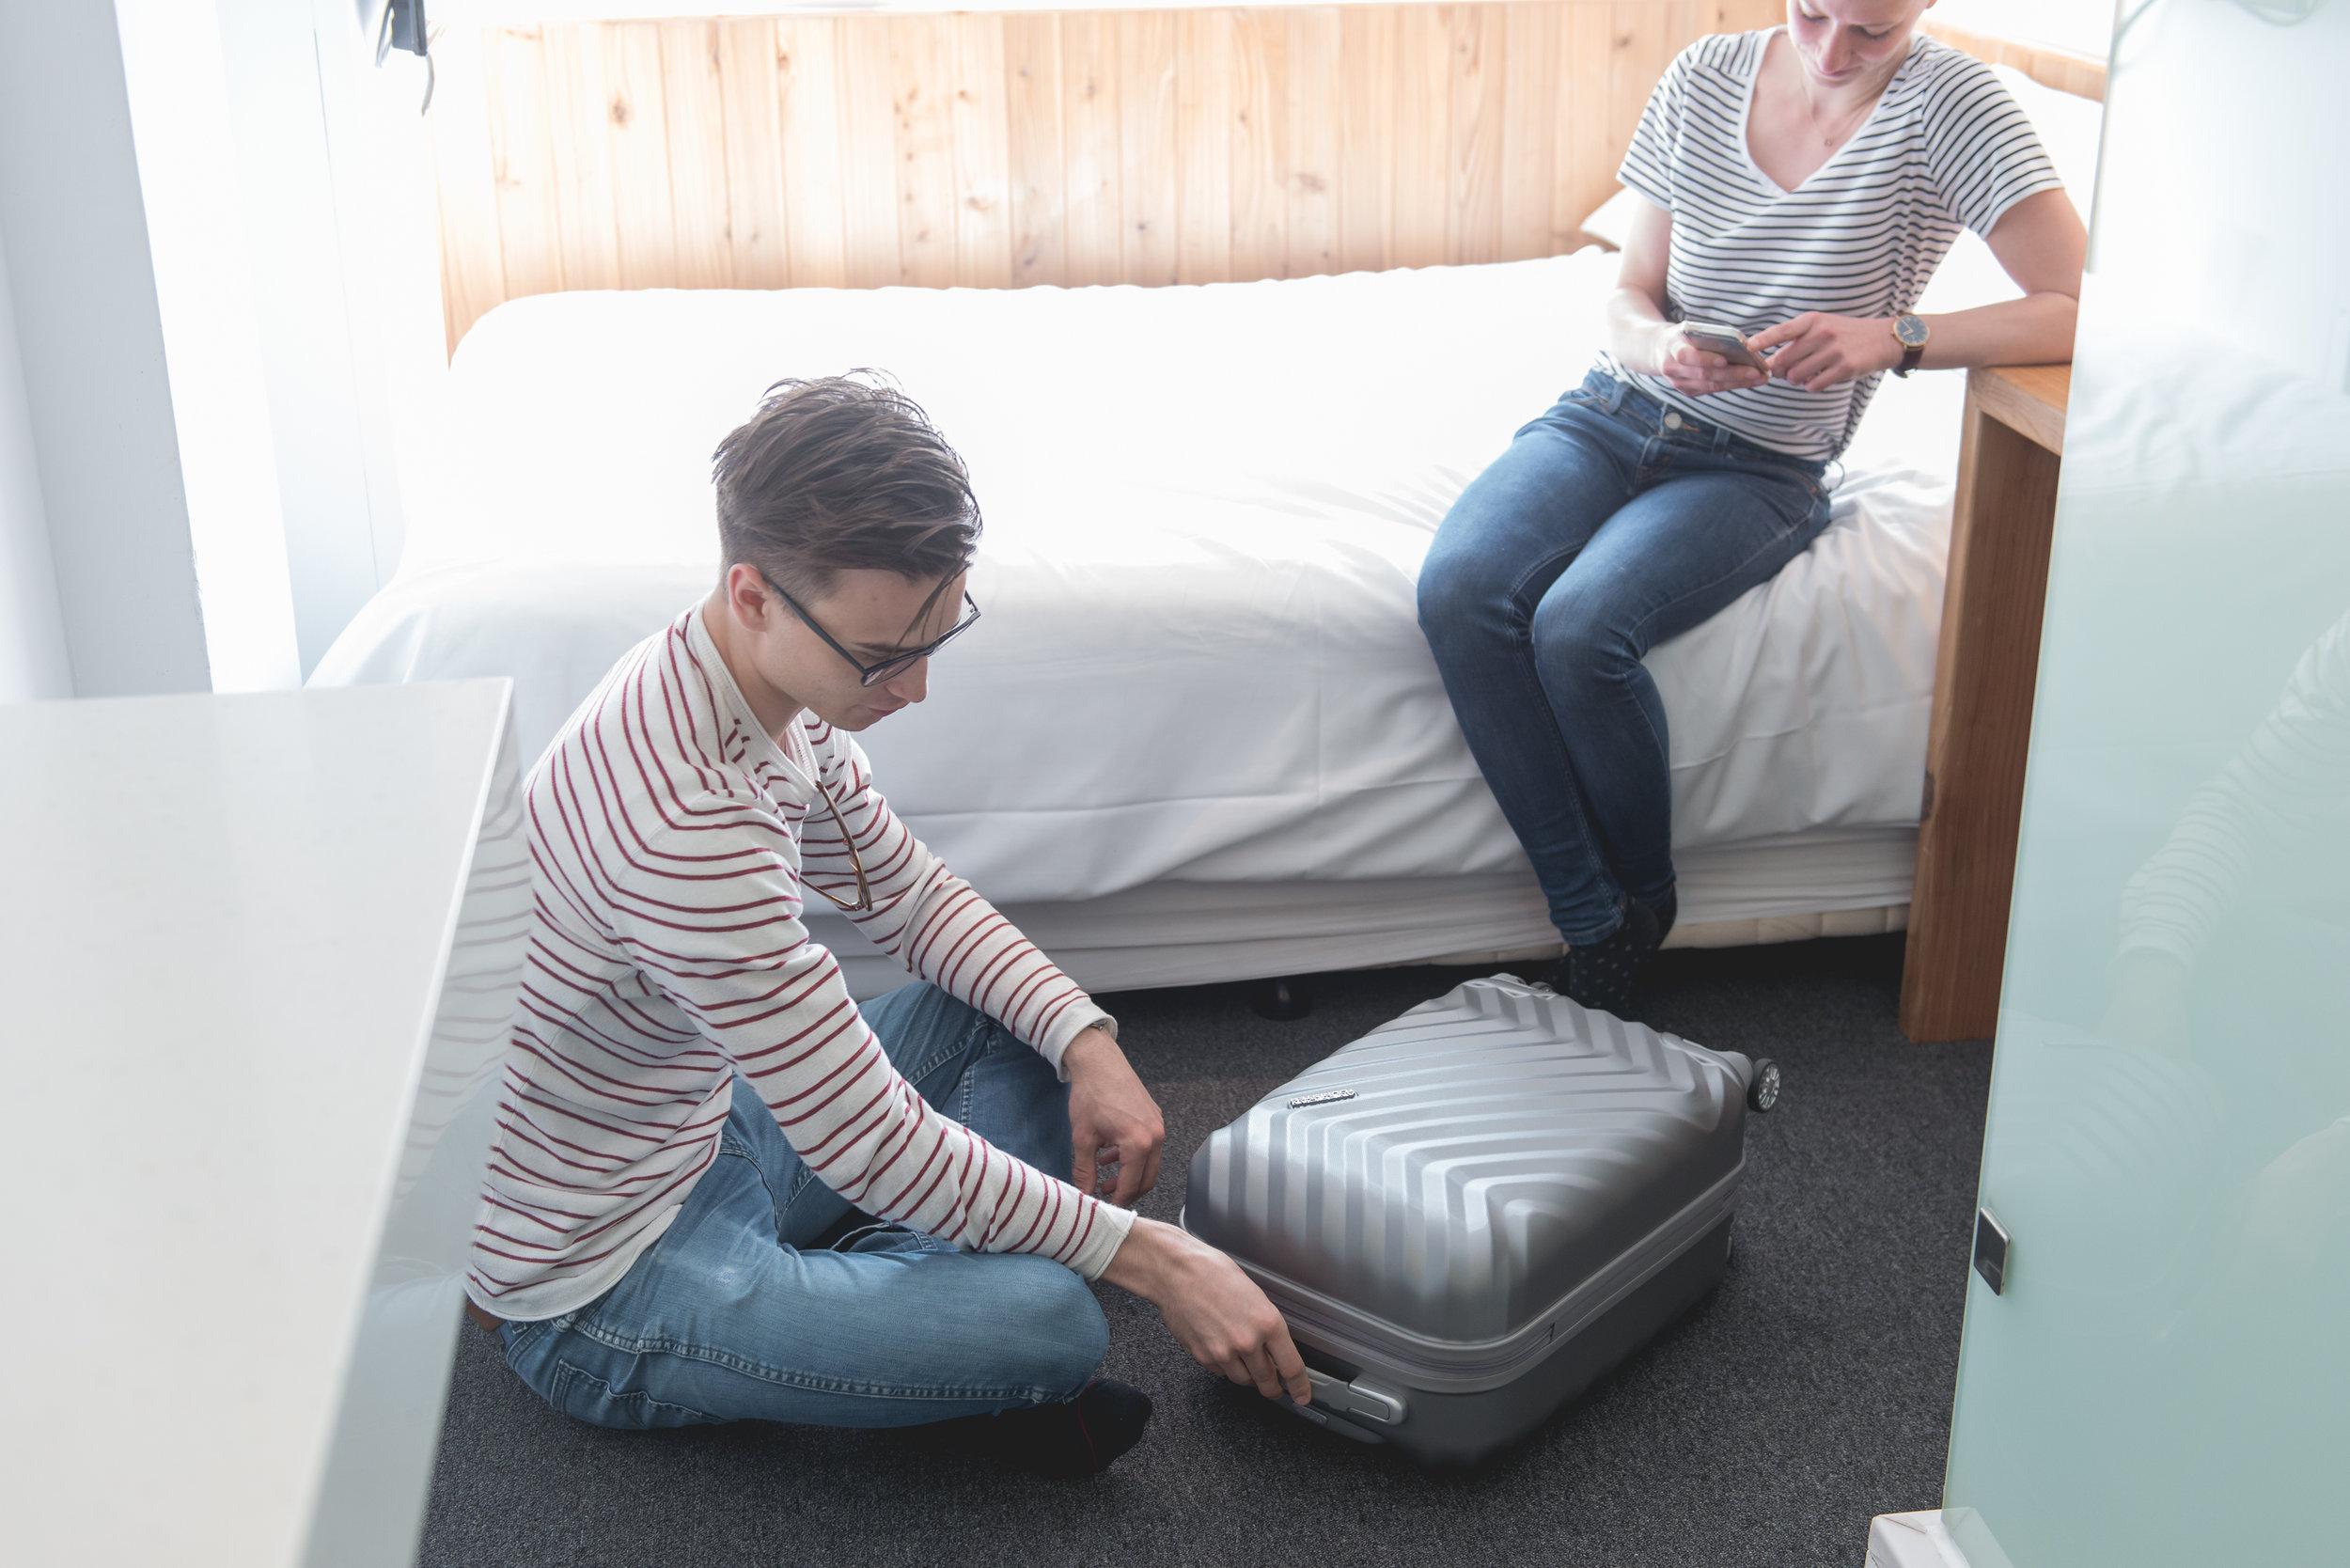 入住期間可享有免費的行李寄放服務。 非入住期間,酌收小額保管費,我們規劃了專屬的行李室,為您保管過夜行李。